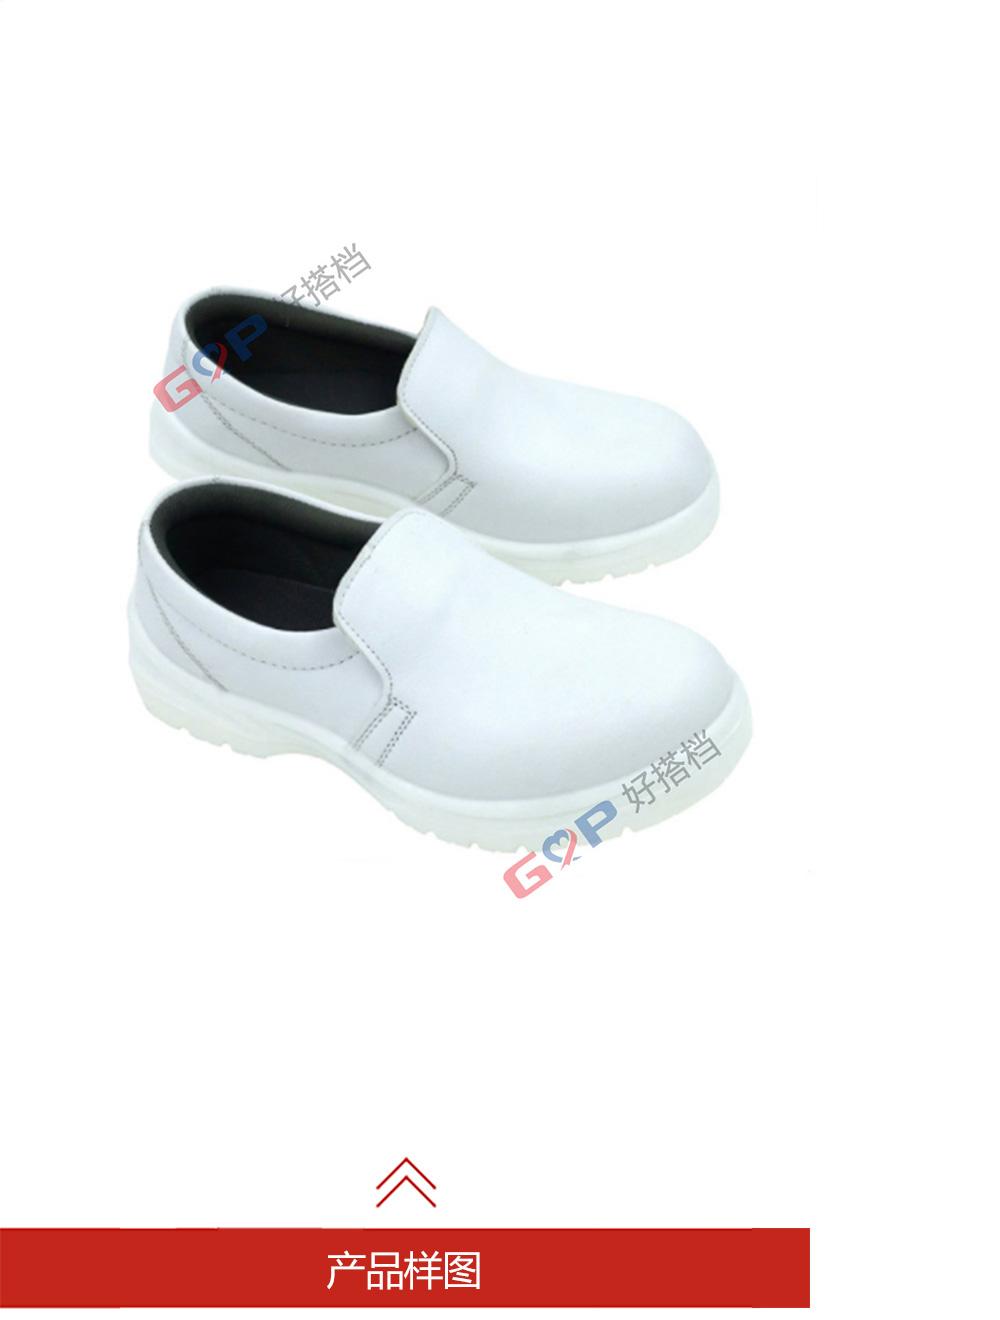 3-002B安全鞋(满帮)